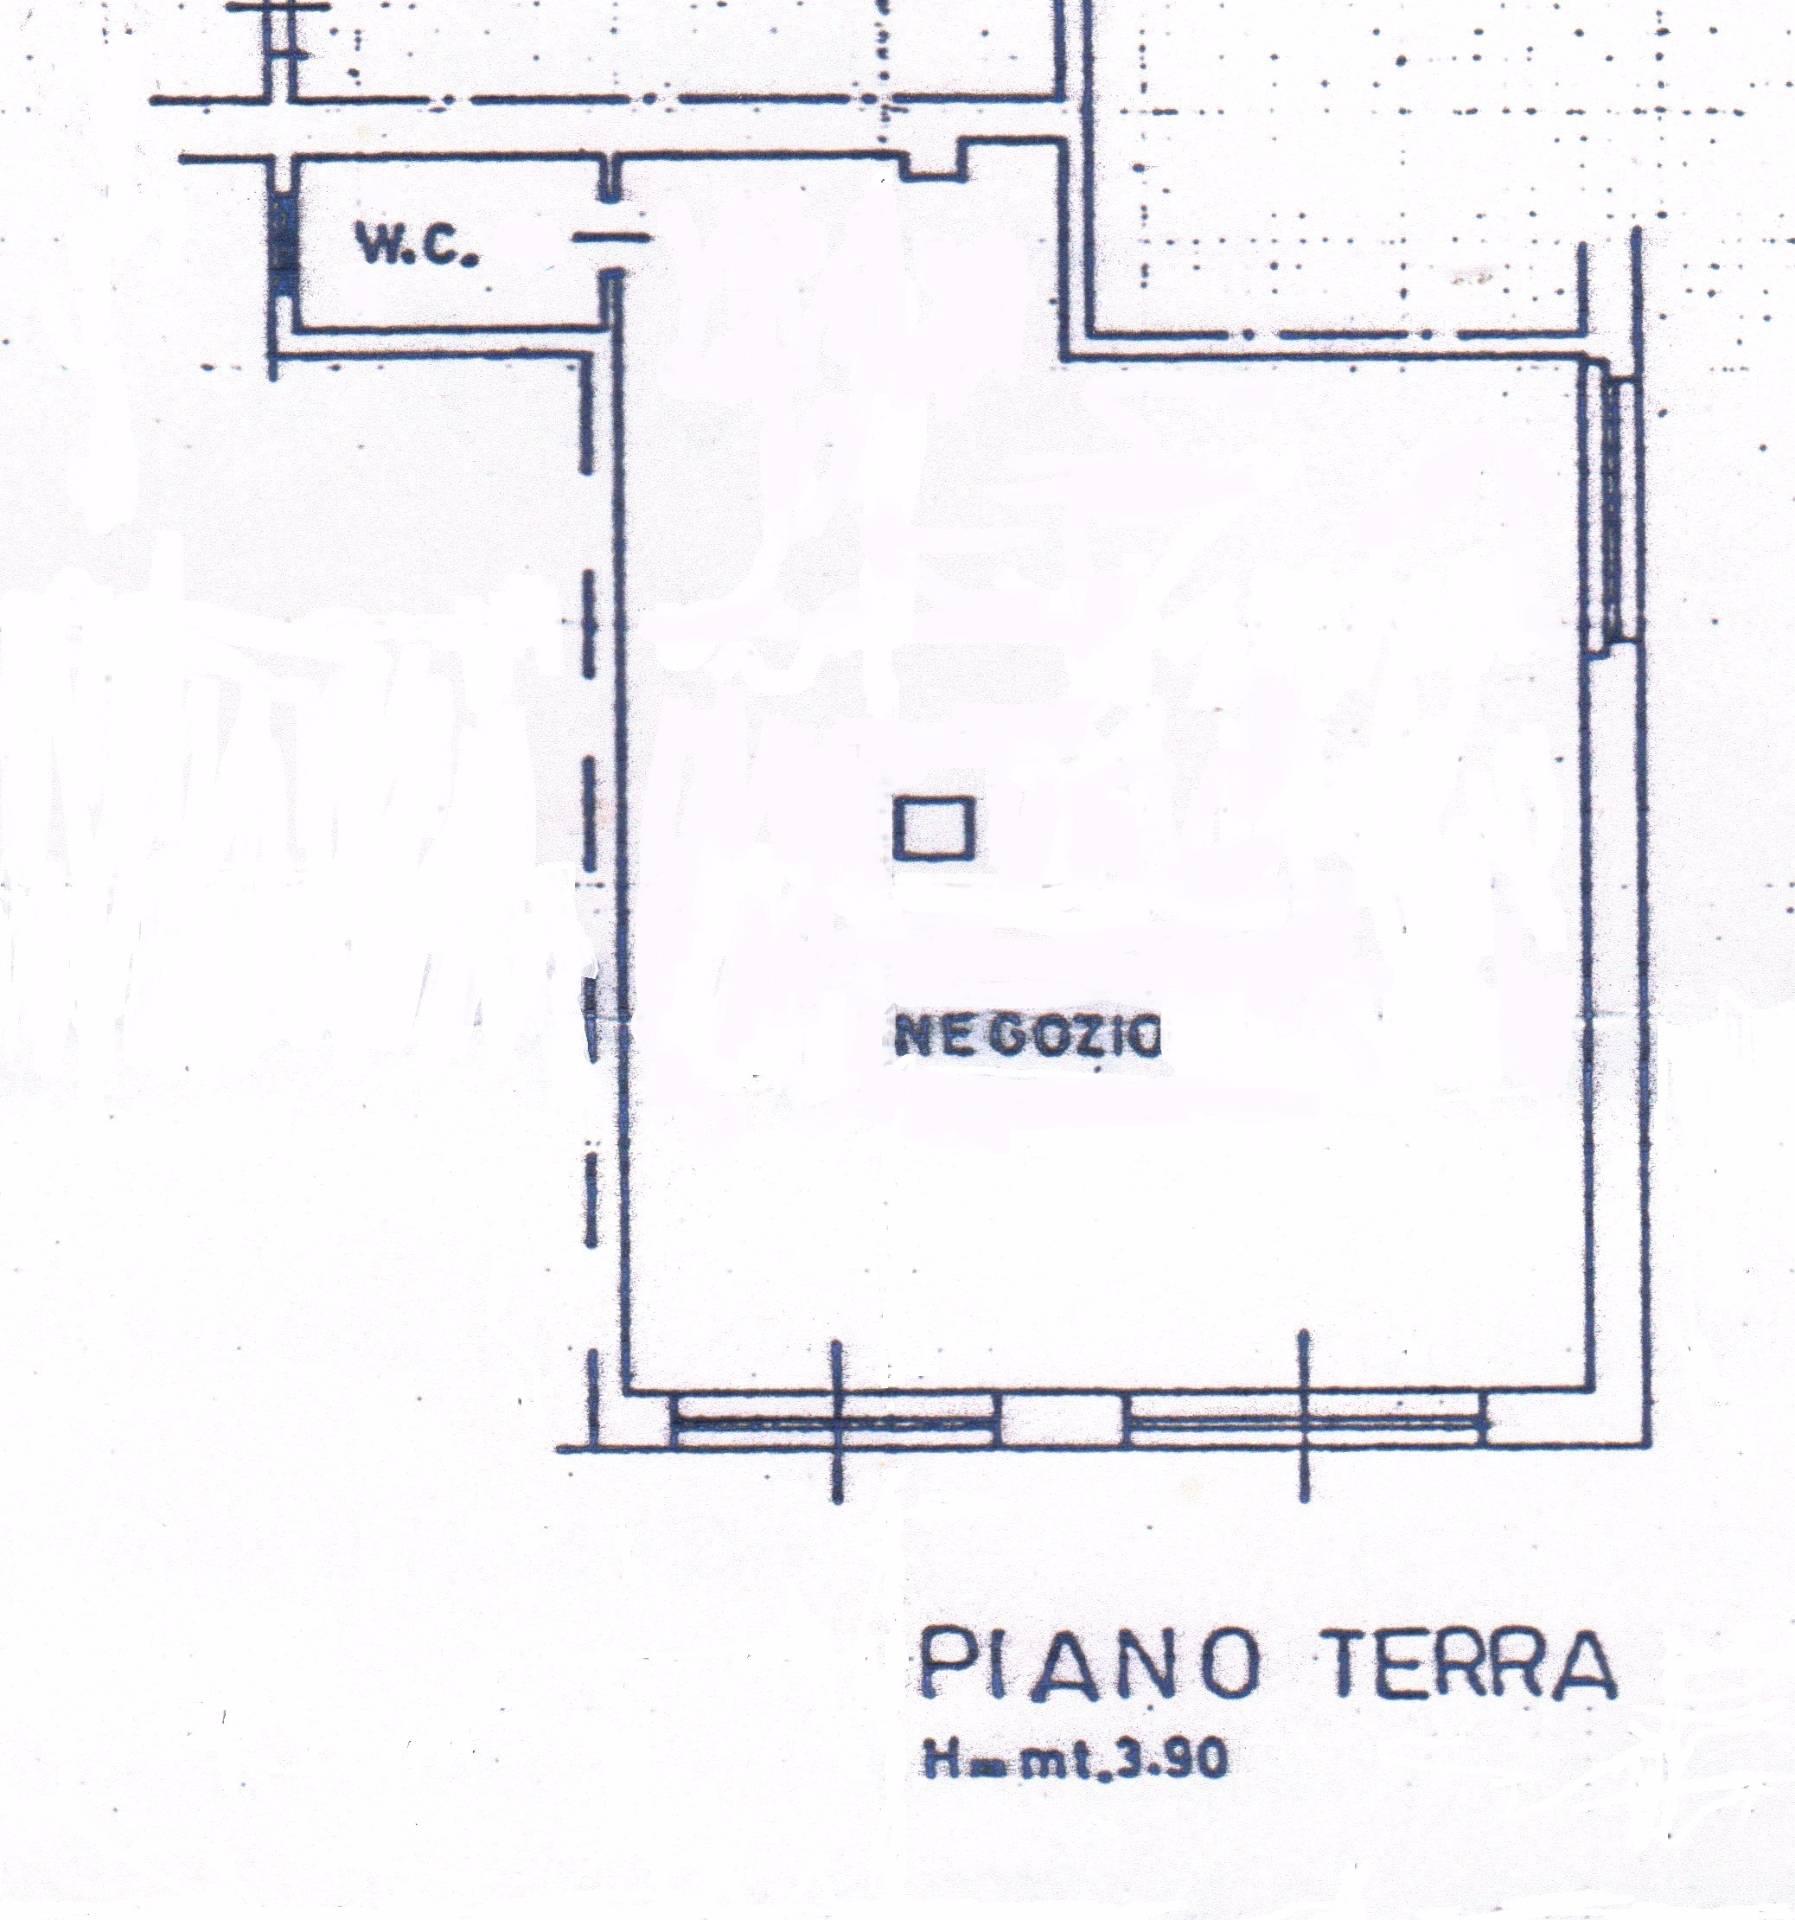 Negozio / Locale in affitto a San Benedetto del Tronto, 9999 locali, zona Località: CENTRALEVERSOSUD, prezzo € 800 | Cambio Casa.it